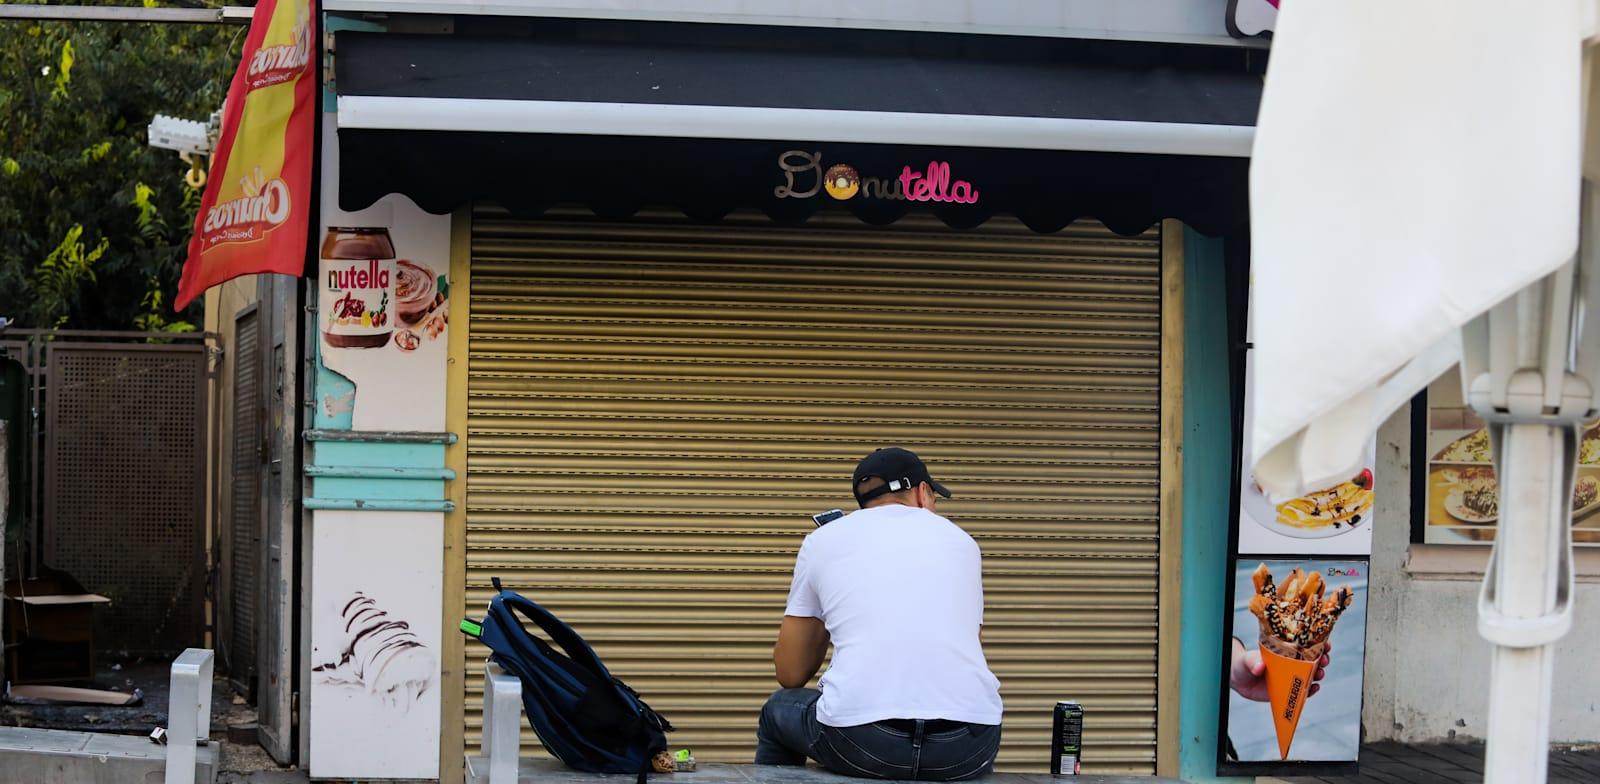 חיפה - סגר עסקים וחנויות סגורות בזמן קורונה / צילום: שלומי יוסף